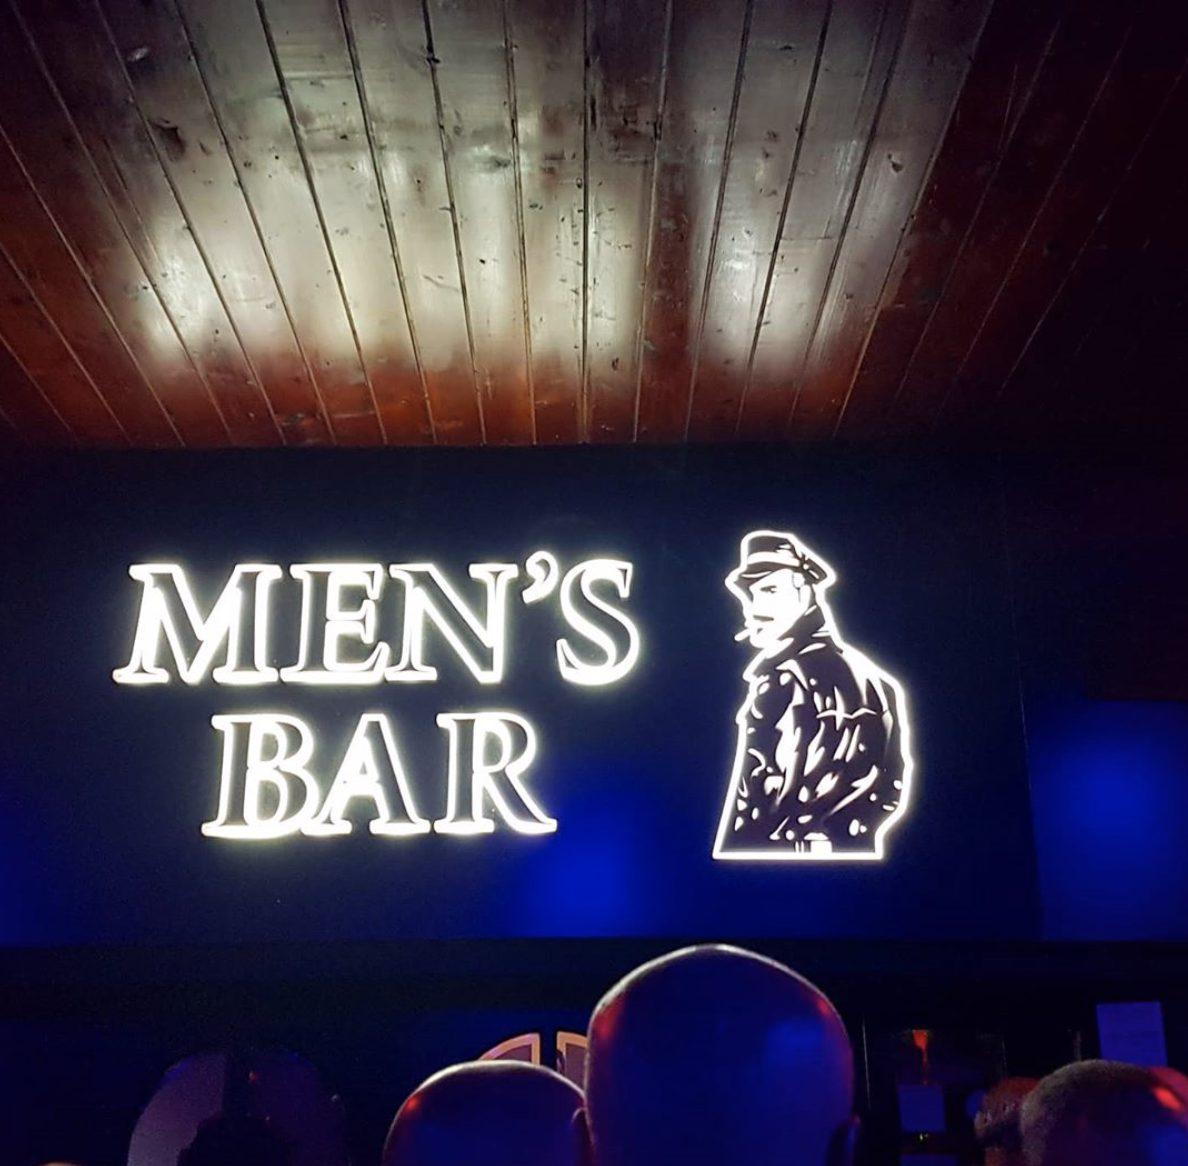 bares gays abiertos Torremolinos